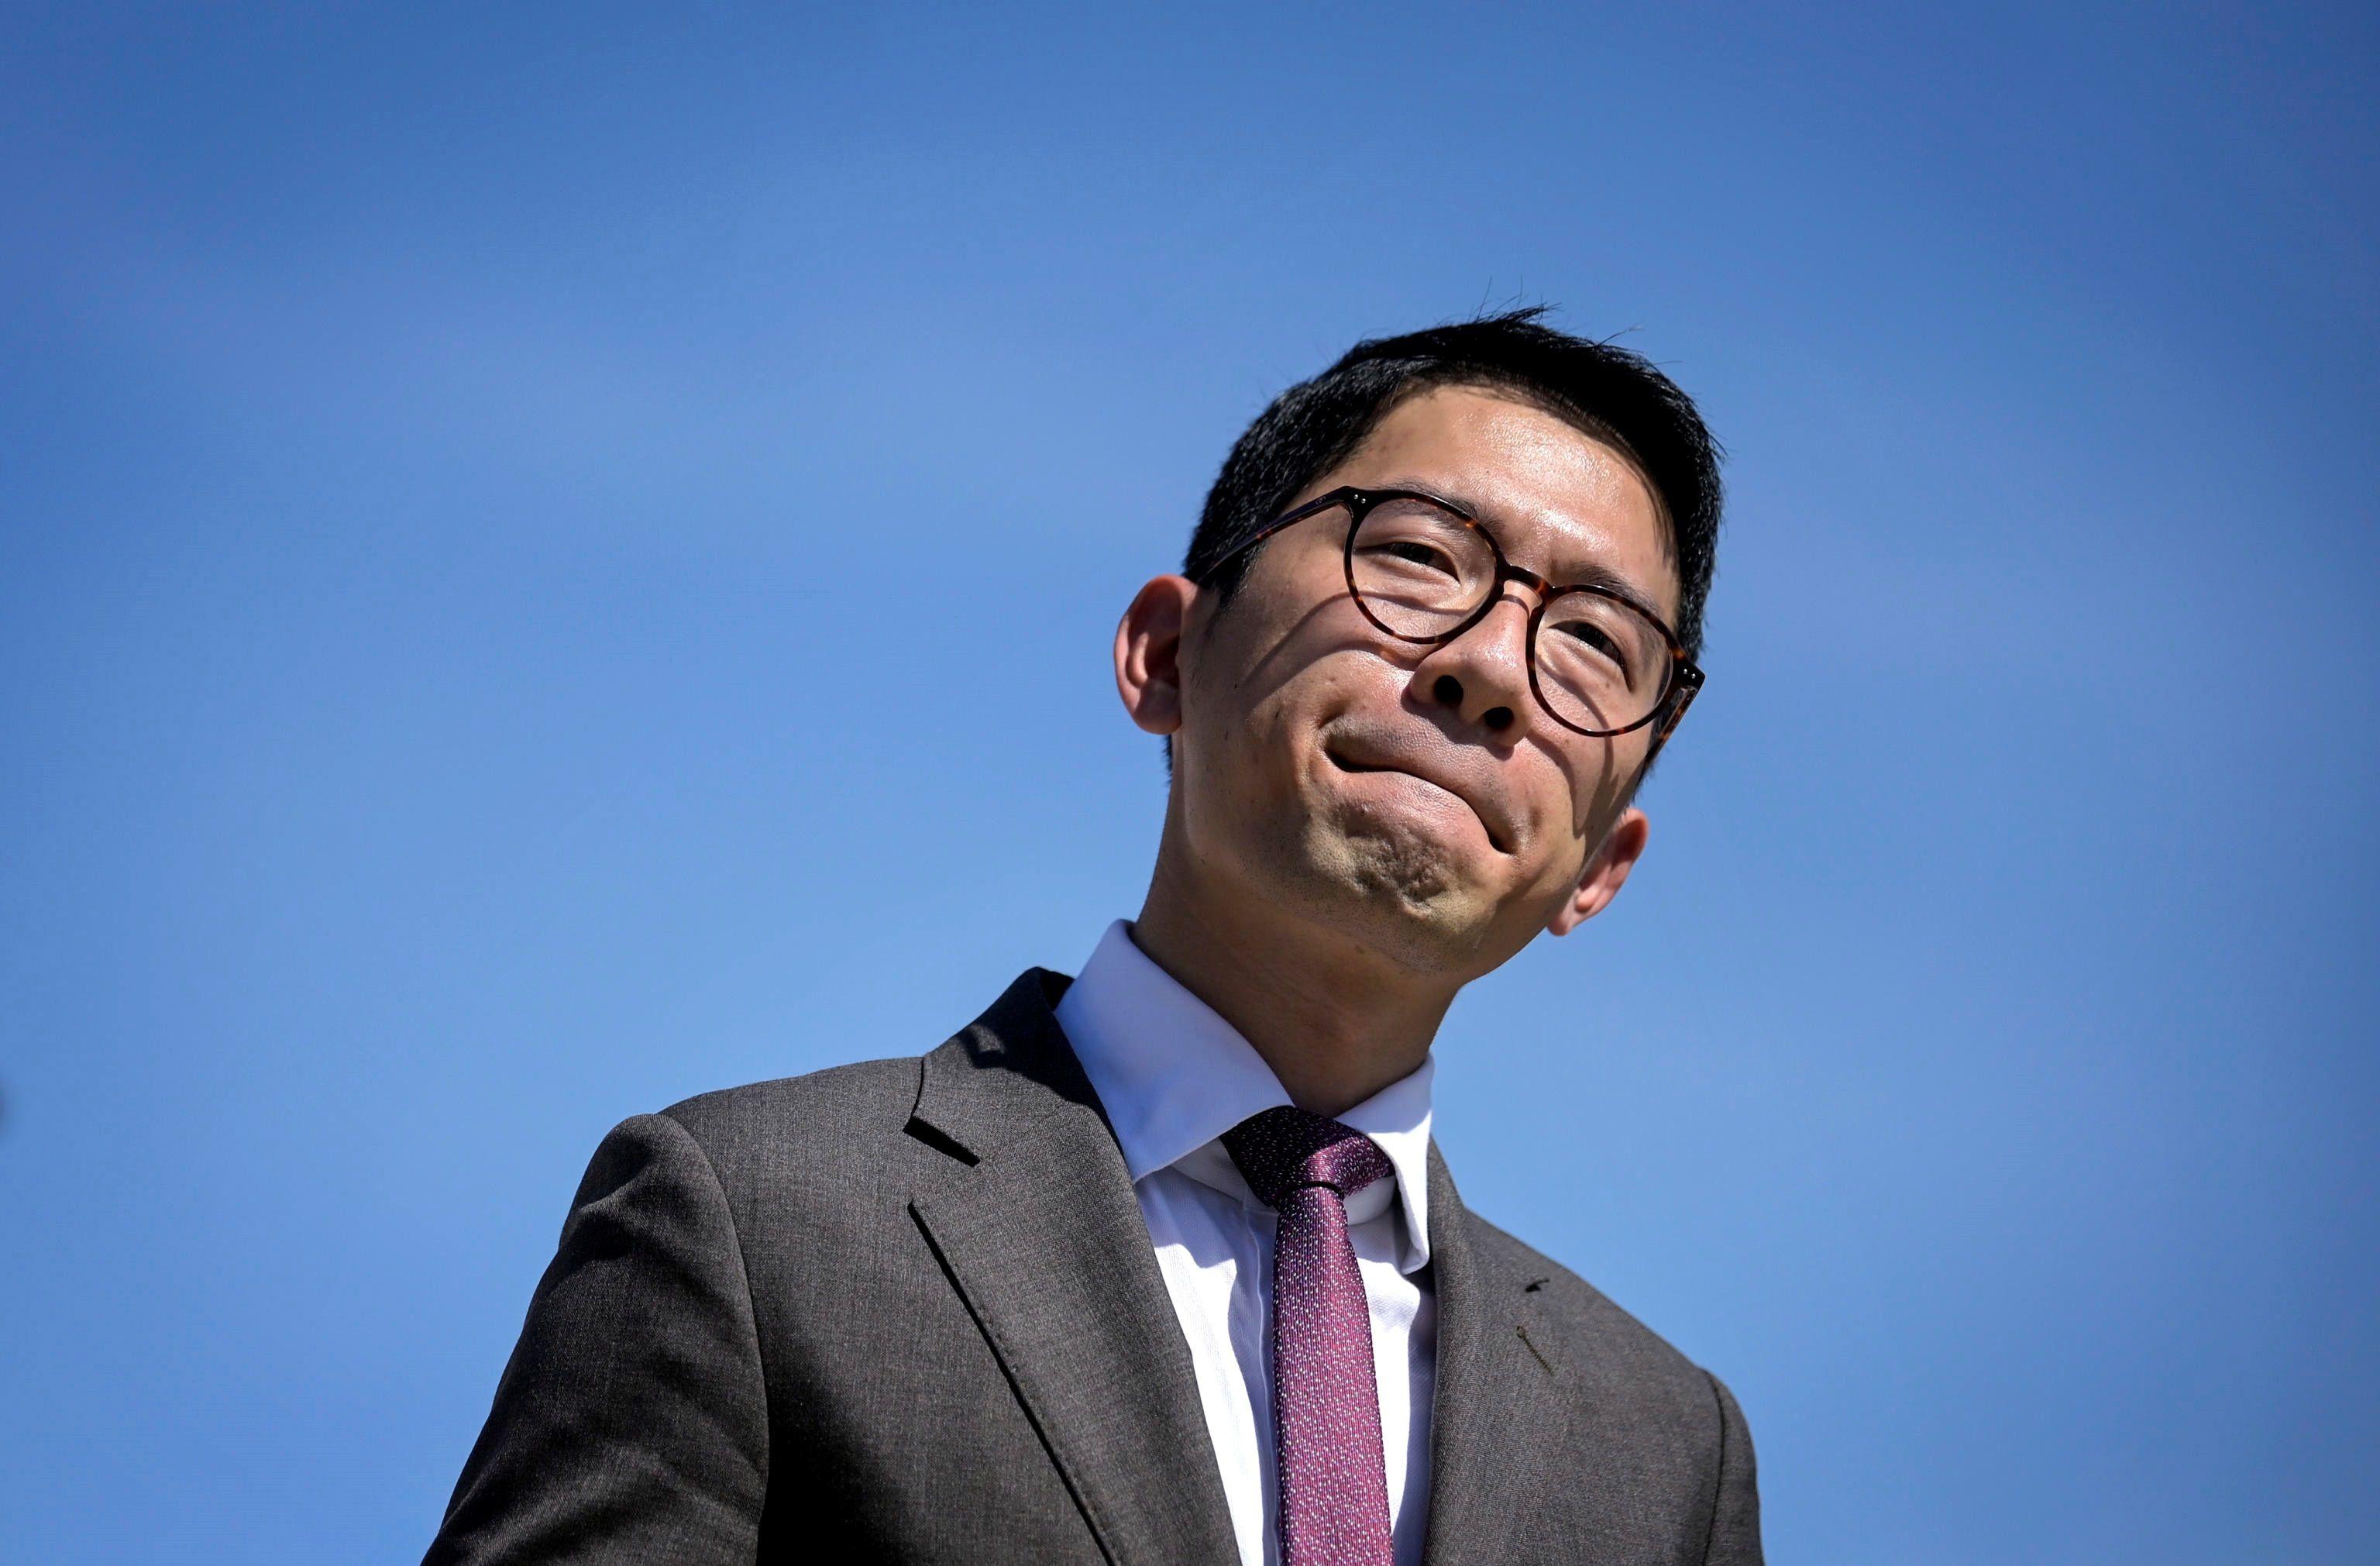 El destacado activista prodemocrático Nathan Law, que se exilió de Hong Kong en julio de 2020, anunció que las autoridades del Reino Unido le han concedido asilo político.EFE/EPA/ RICCARDO ANTIMIANI/ Archivo